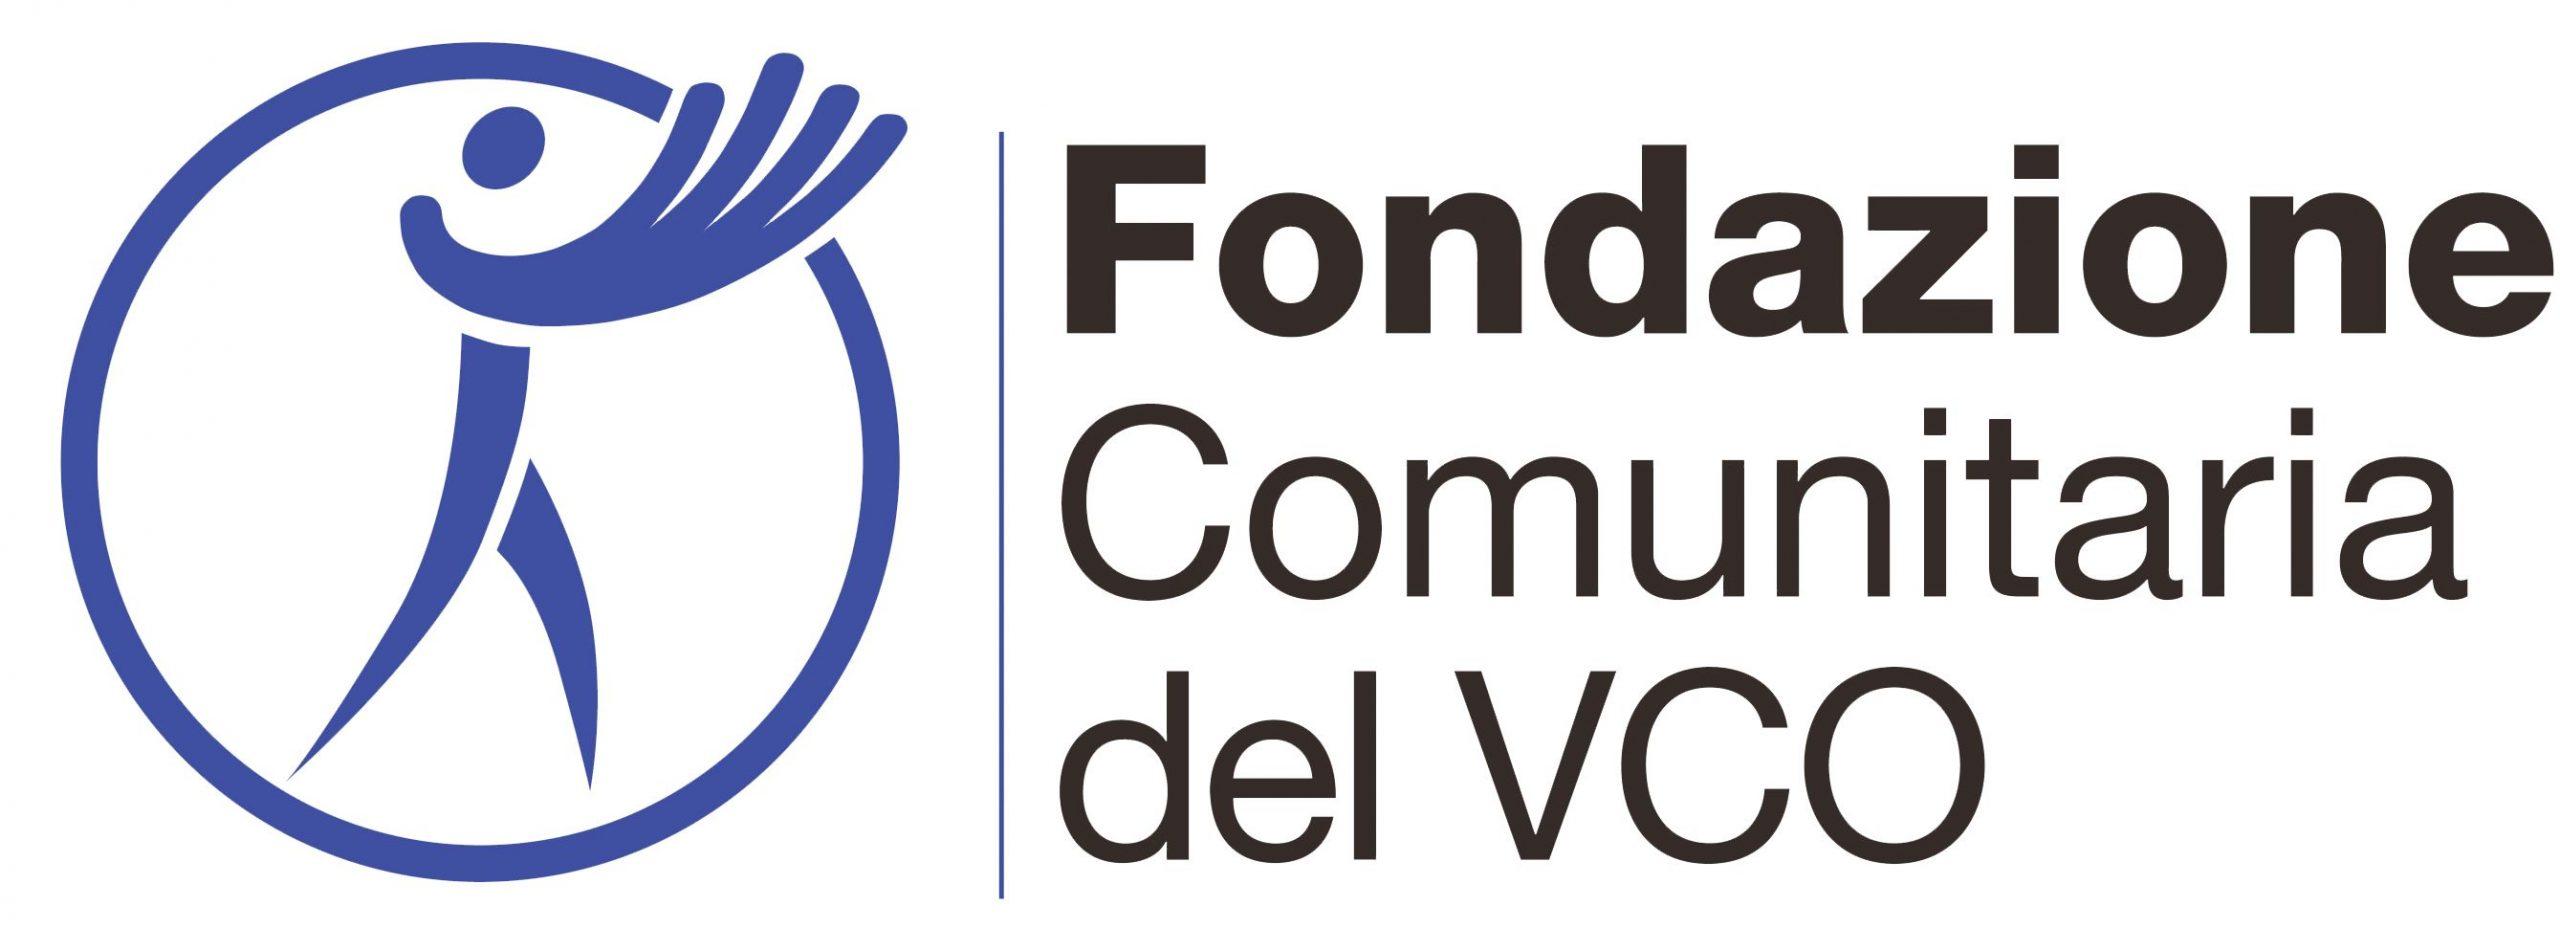 Fondazione Comunitaria VCO